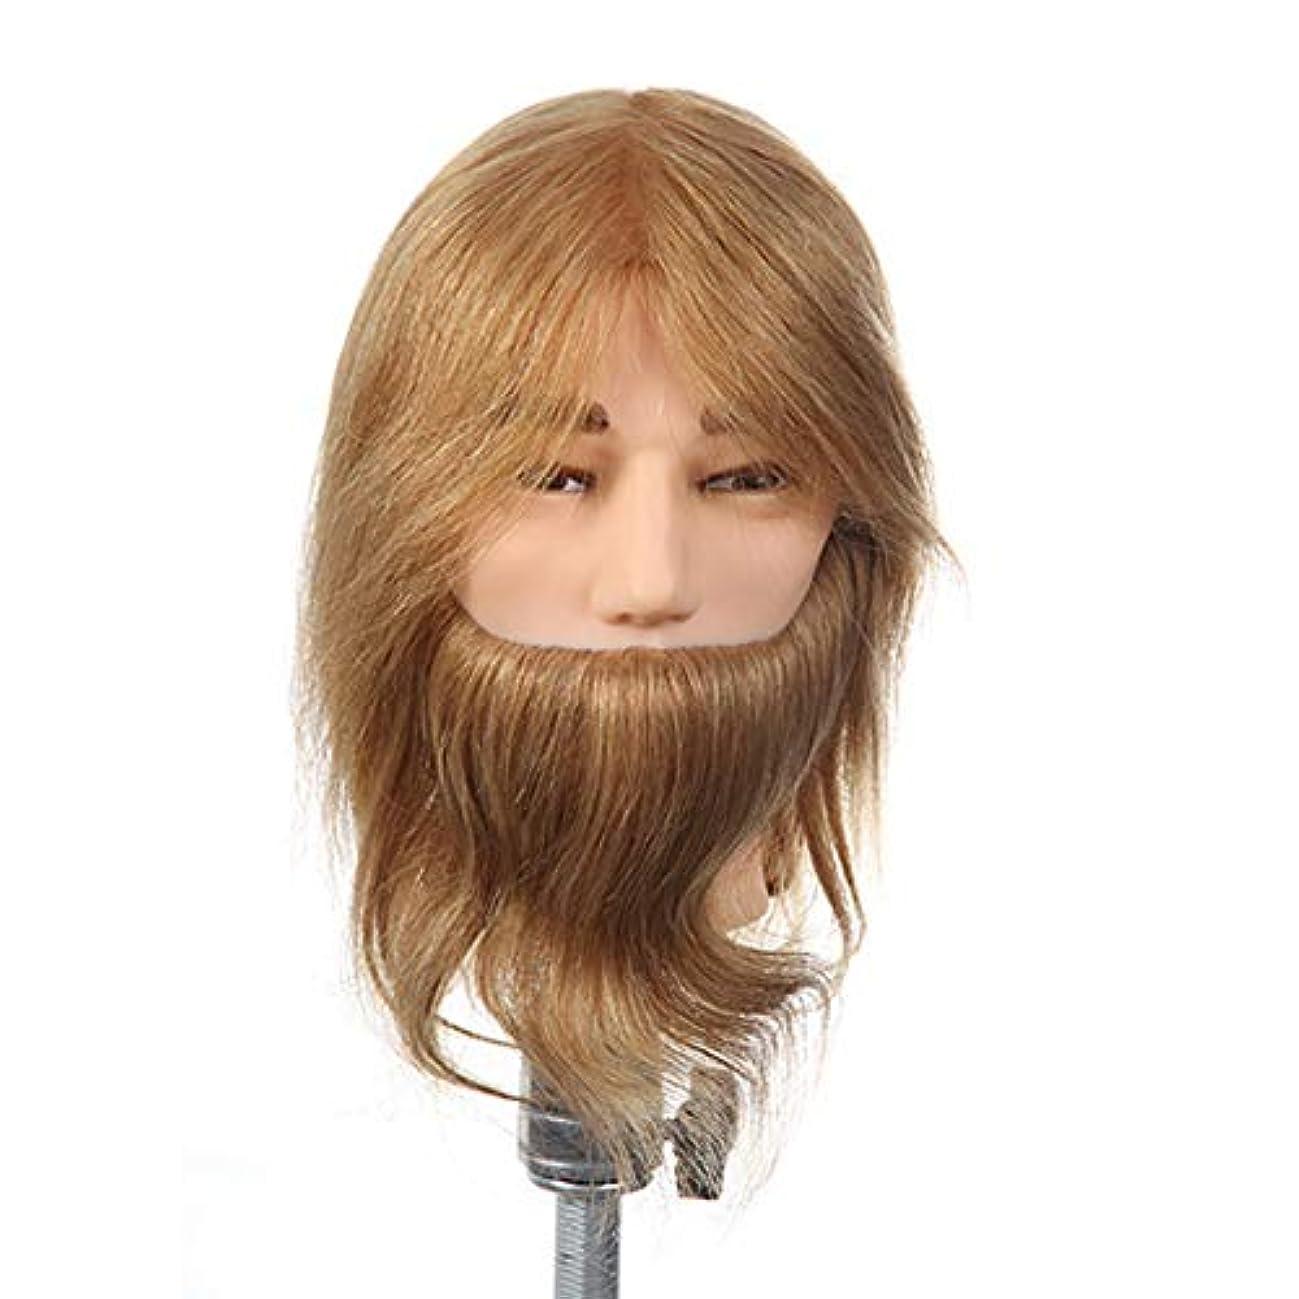 記録コテージ漫画サロン学習パーマ髪染めマネキン男スタイリングかつらティーチングヘッドリアル人間の髪ダミーヘッド付きひげロングヘアゴールド